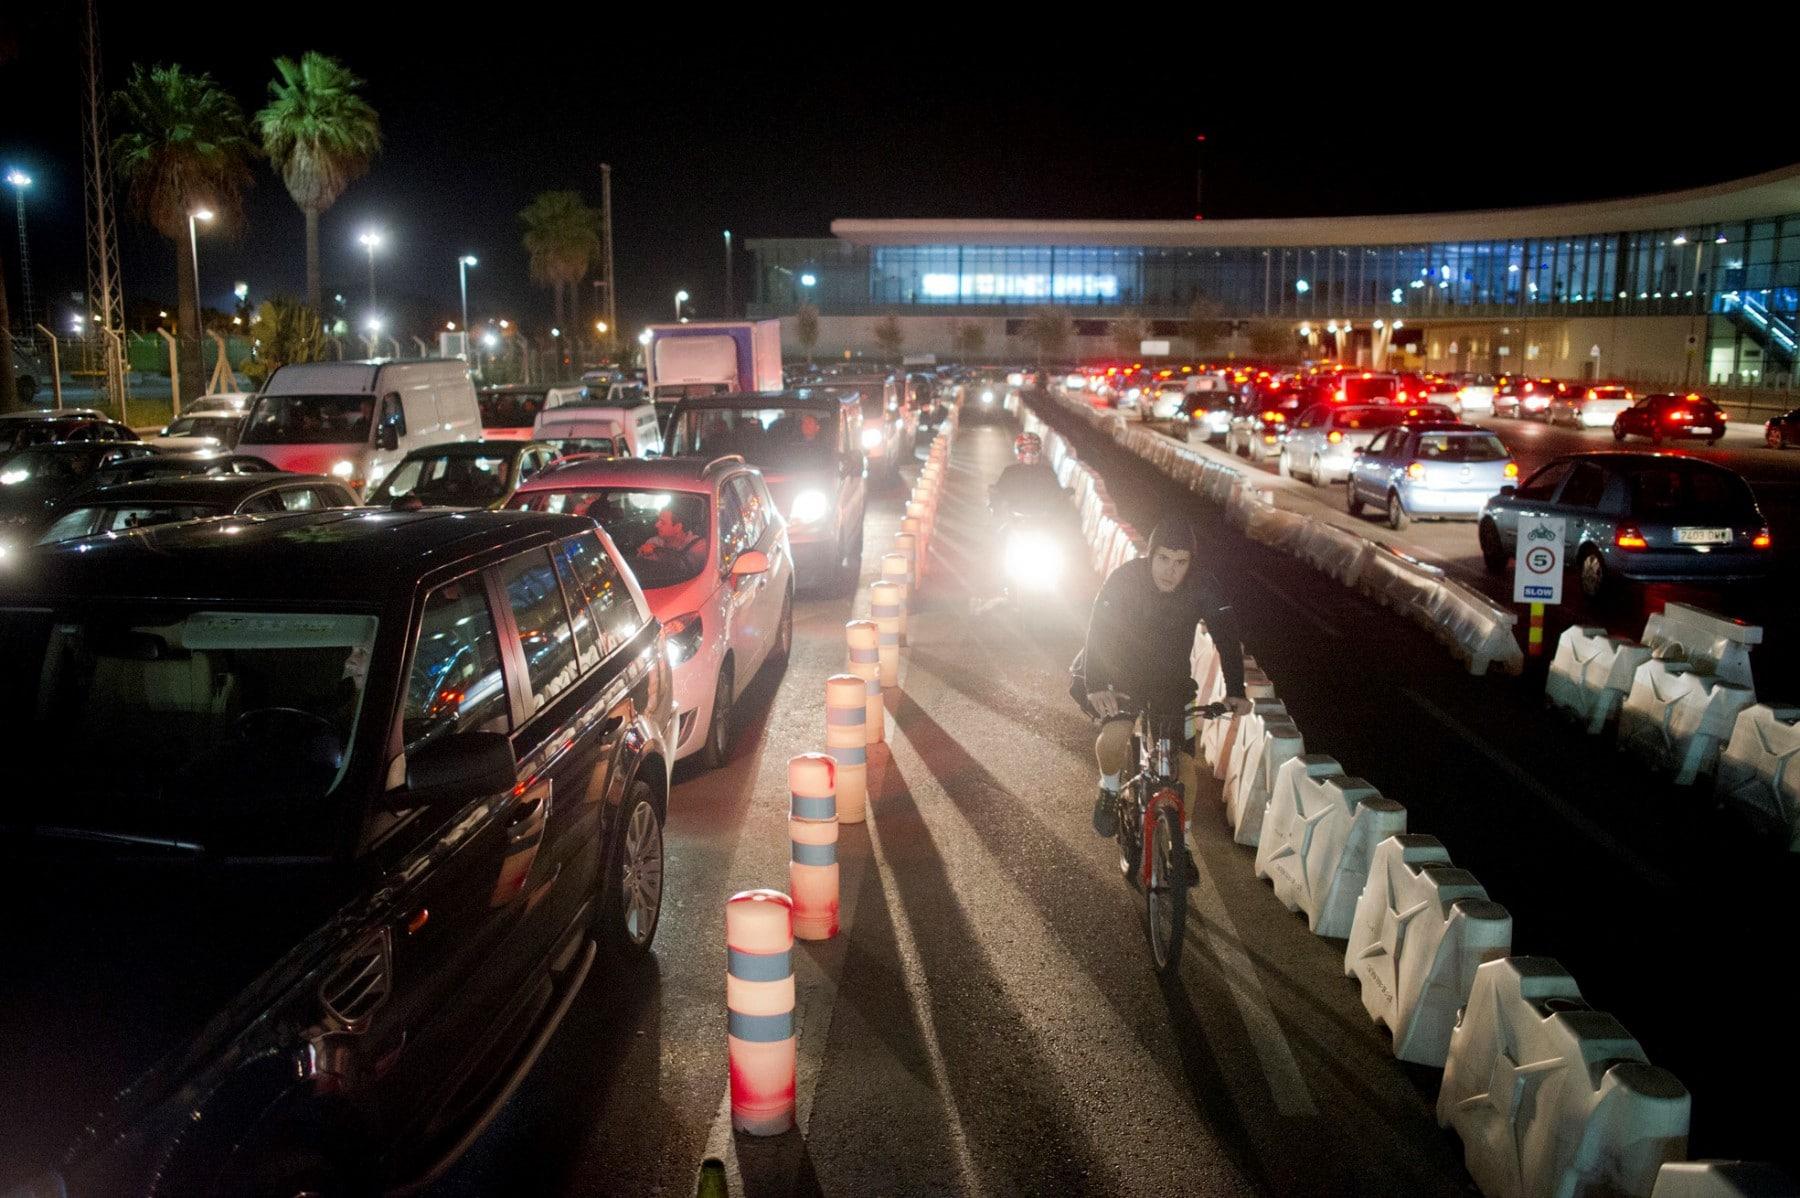 colas-frontera-de-gibraltar-11-noviembre-20143_15579290310_o